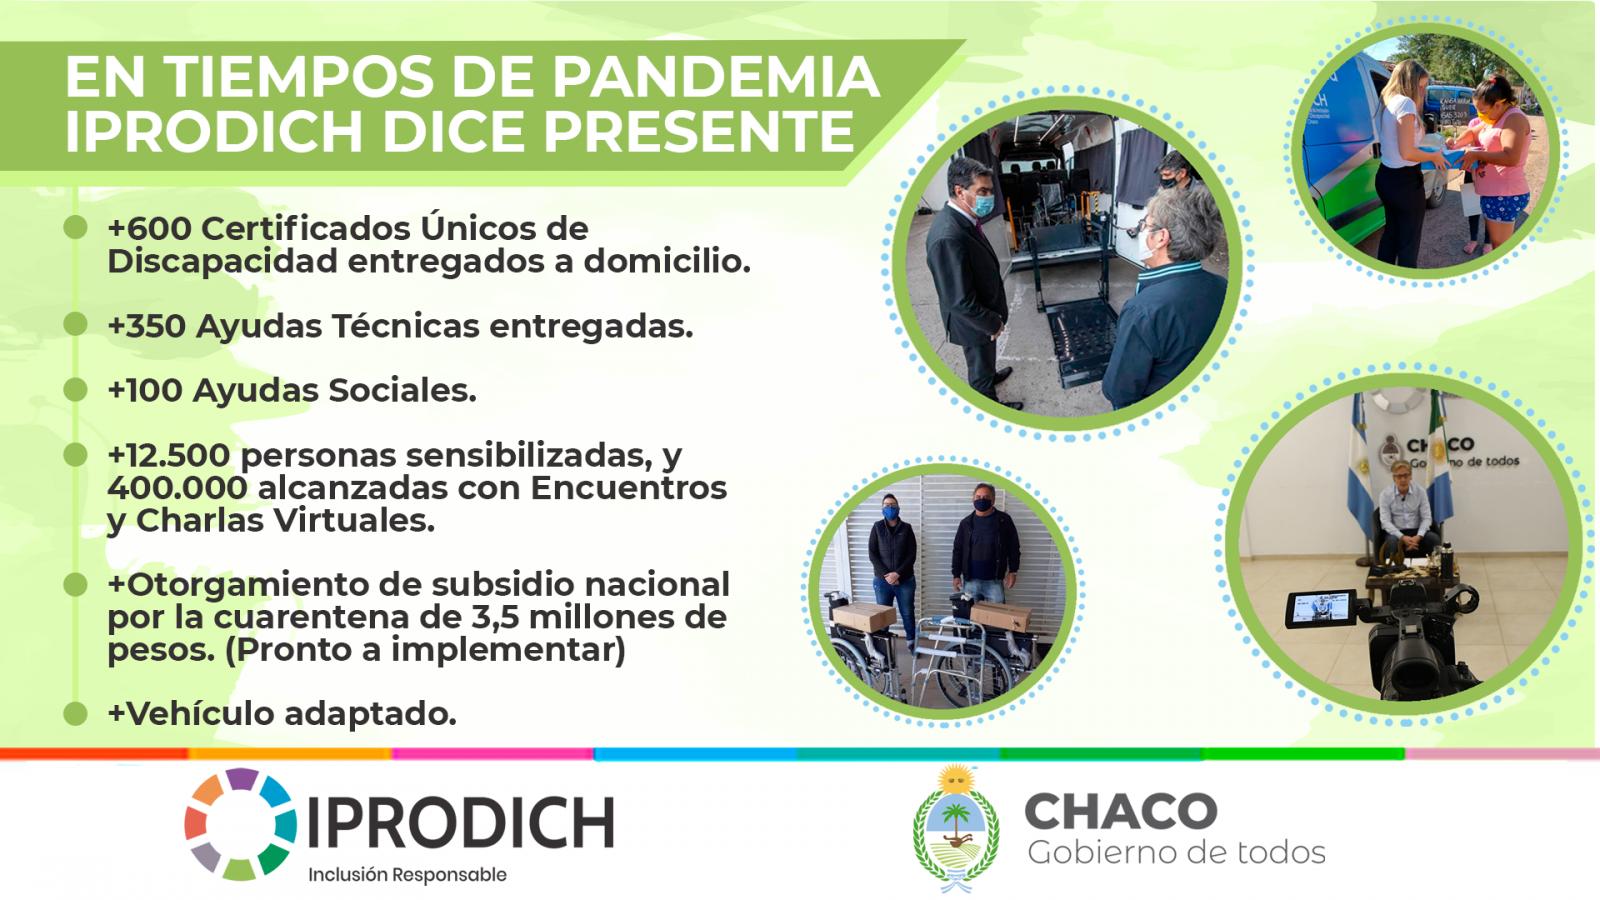 EN TIEMPOS DE PANDEMIA, IPRODICH DICE PRESENTE PARA LAS PERSONAS CON DISCAPACIDAD